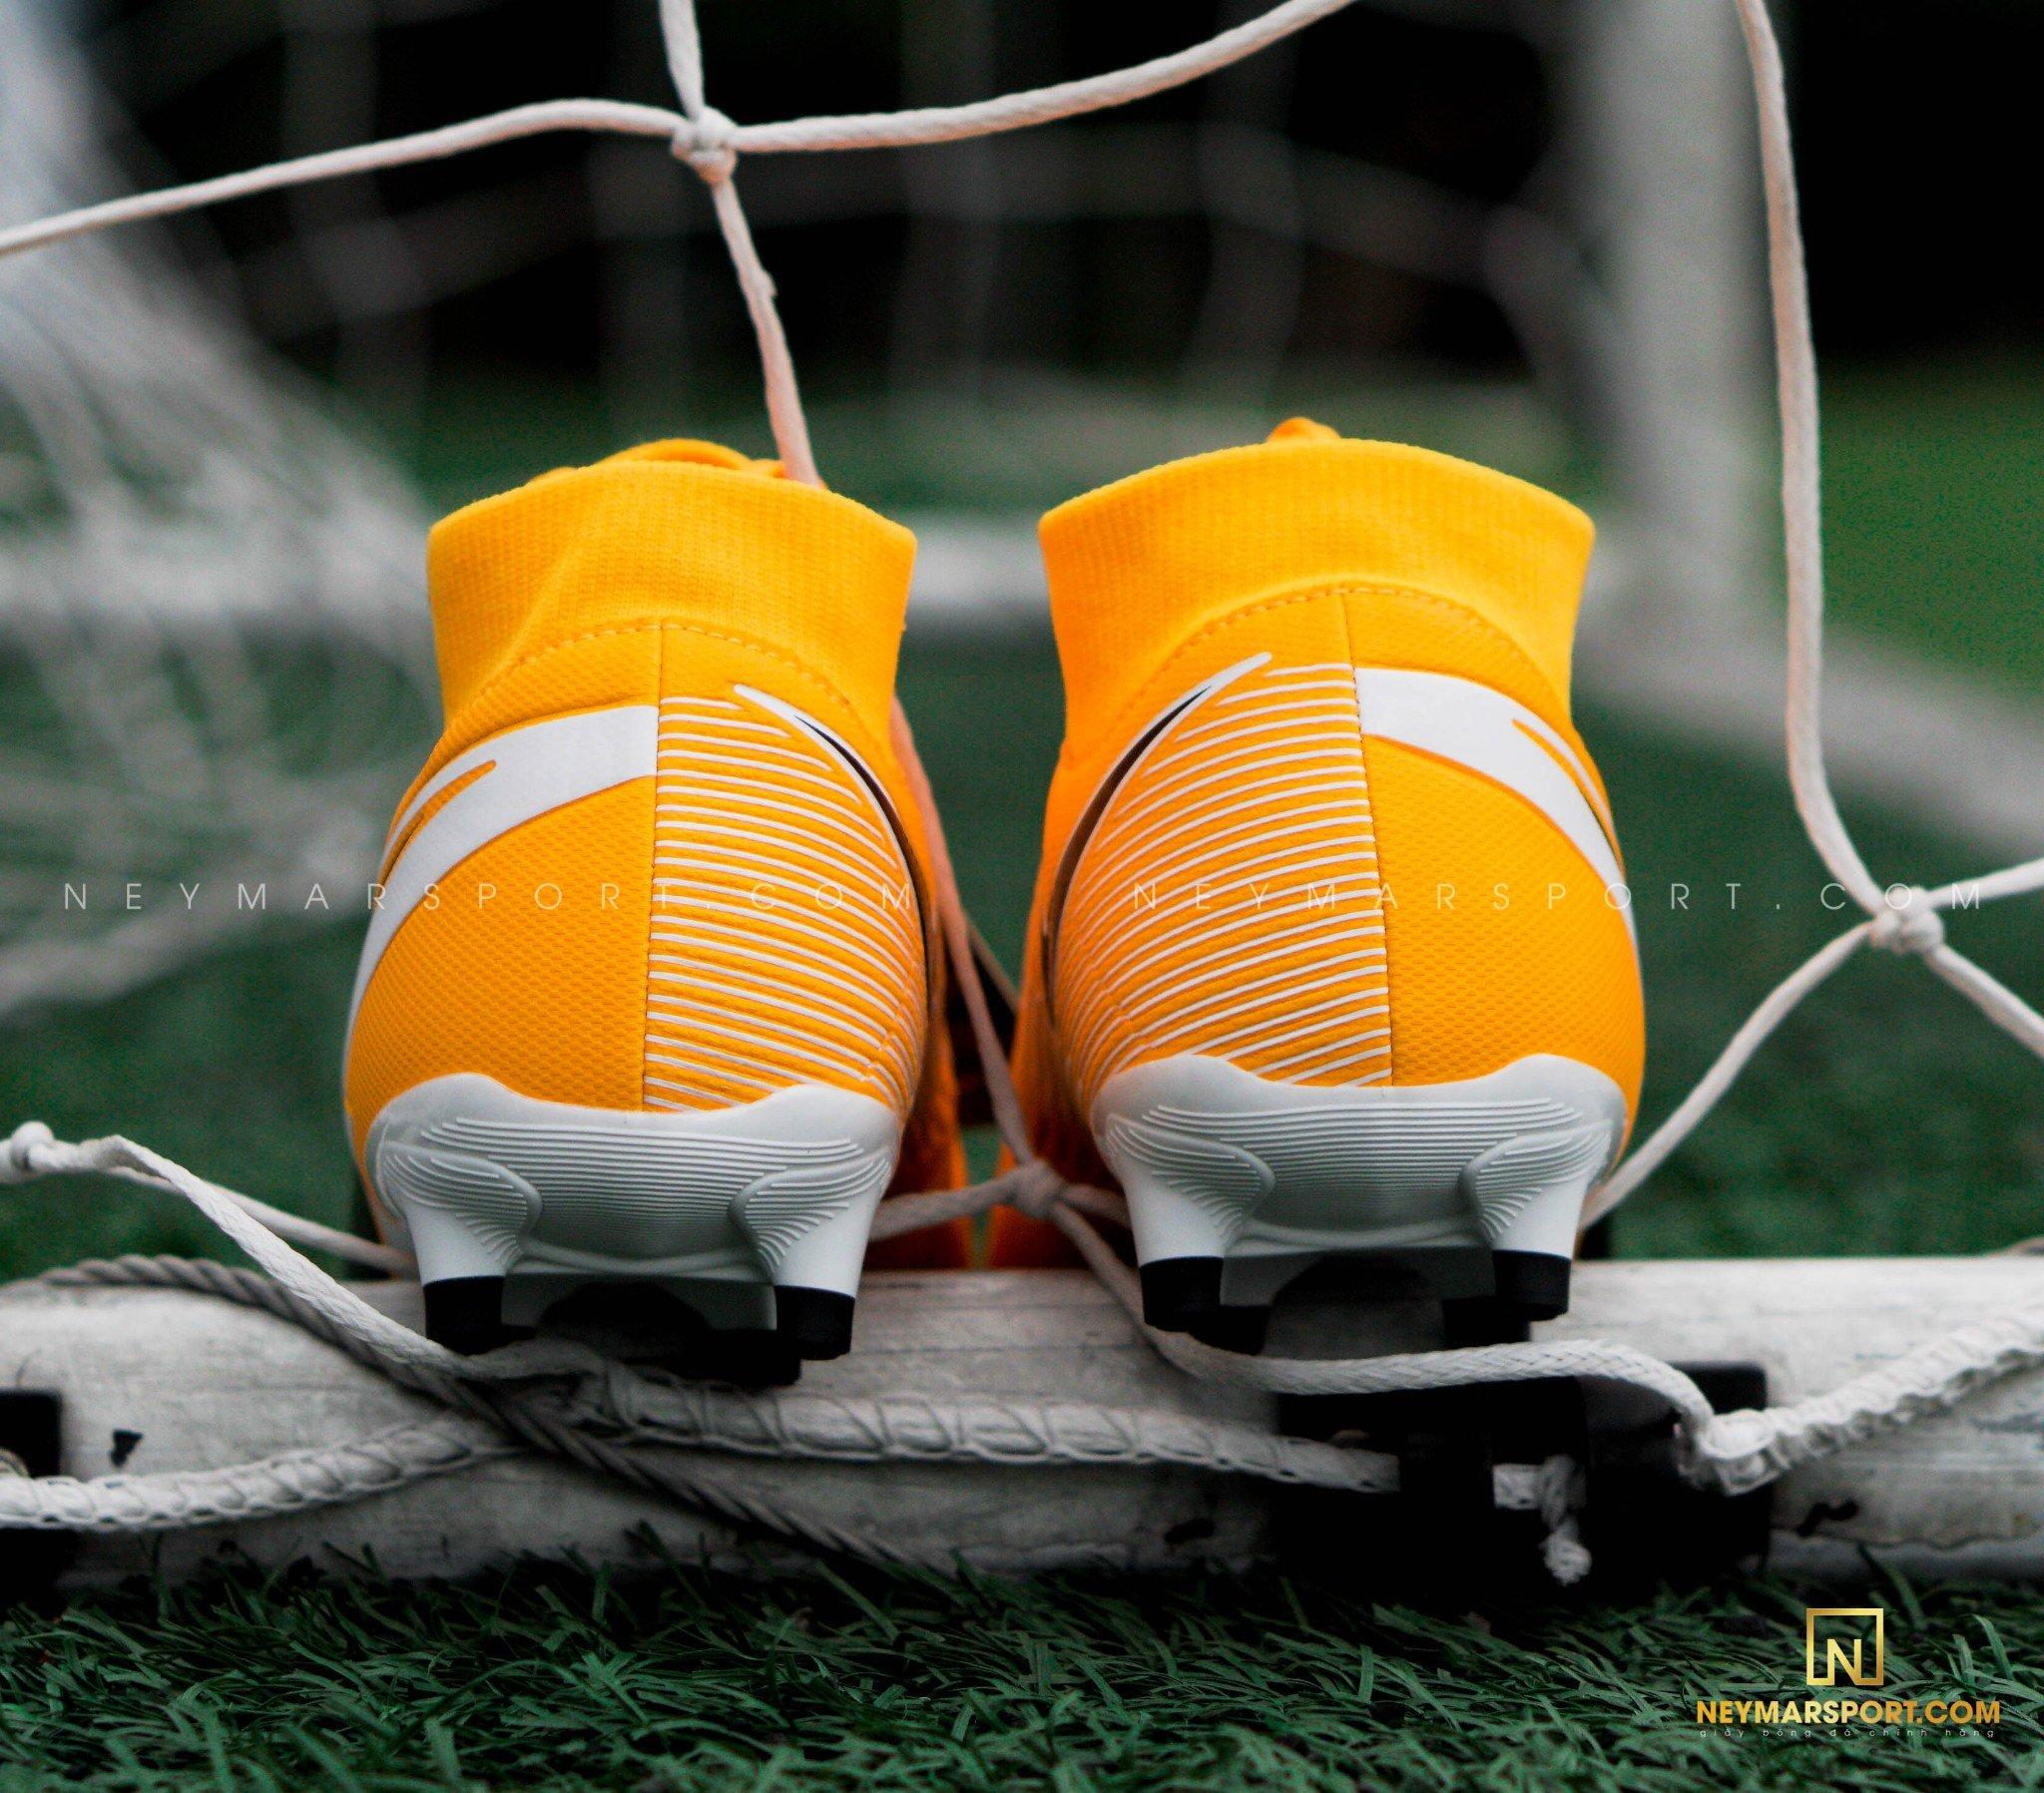 Những mẫu giày cỏ tự nhiên mới lên kệ tại Neymarsport Tháng 10